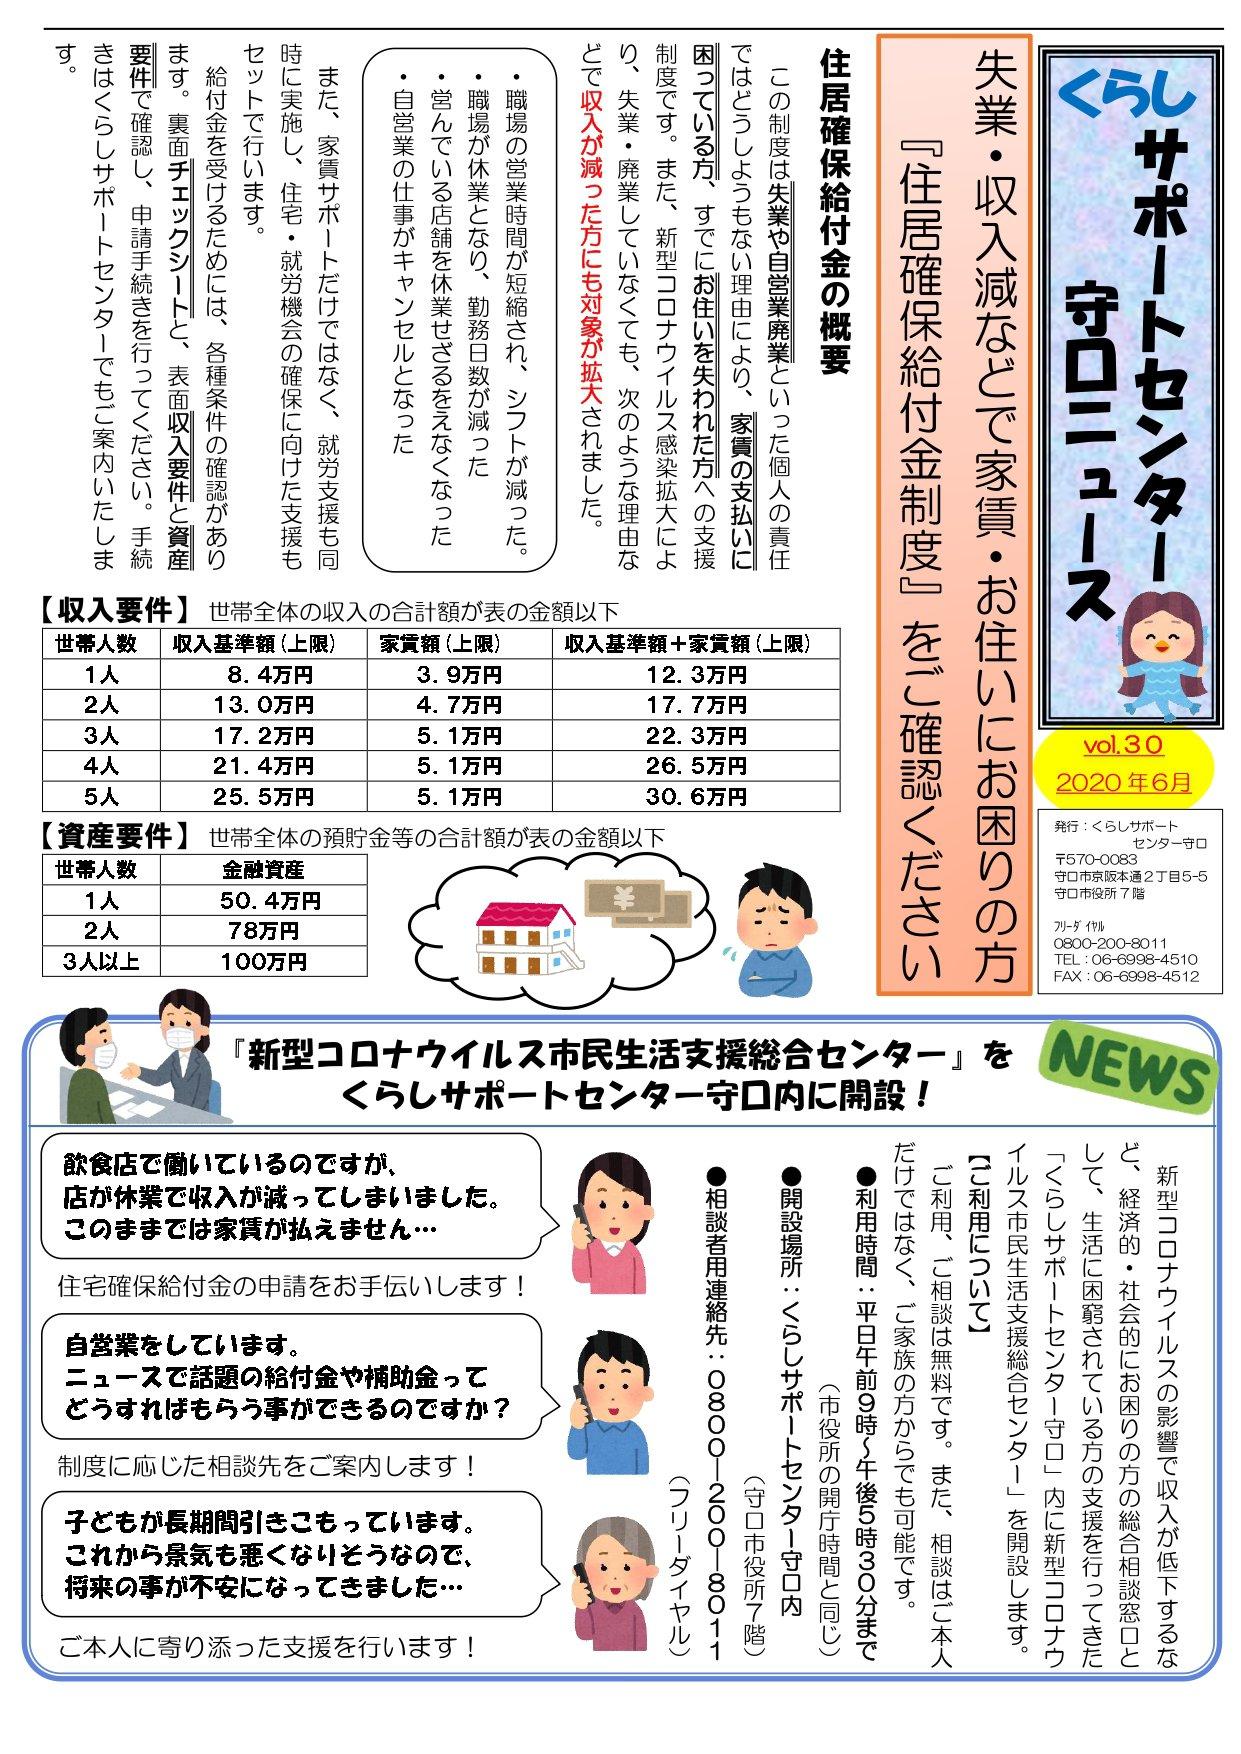 くらサポニュース2020年6月号_page-0001.jpg